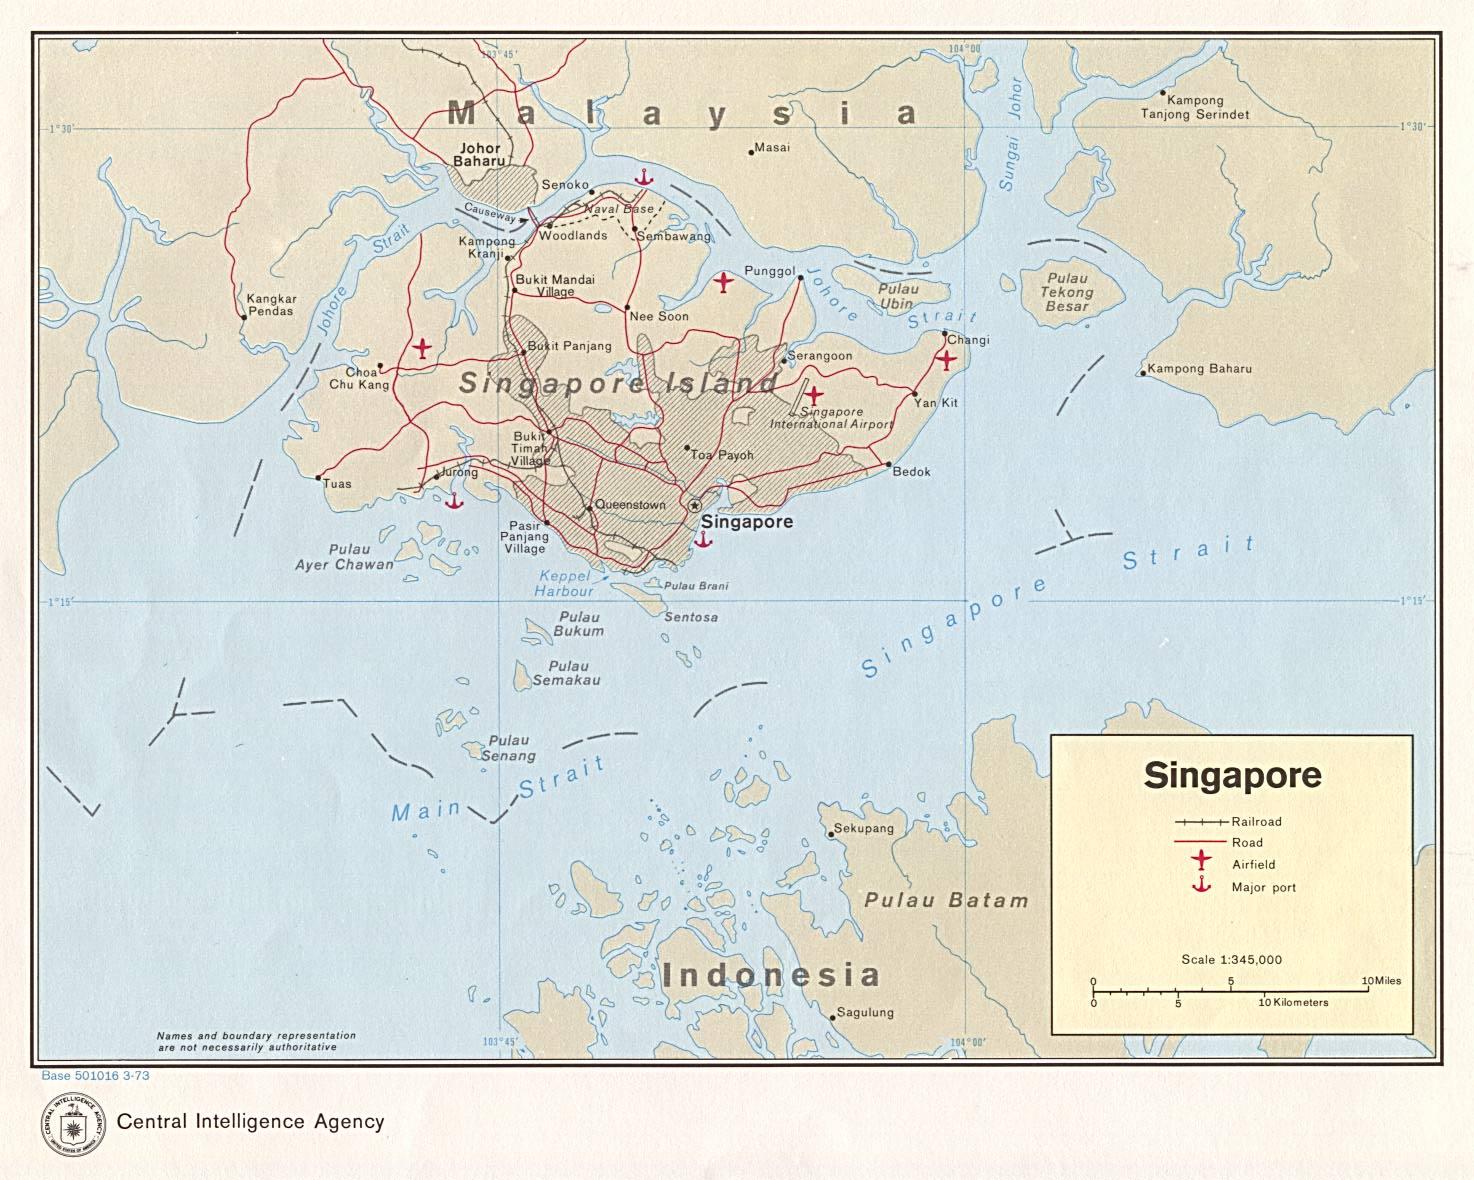 Reisenett Maps Of Asia - Singapore map 1990